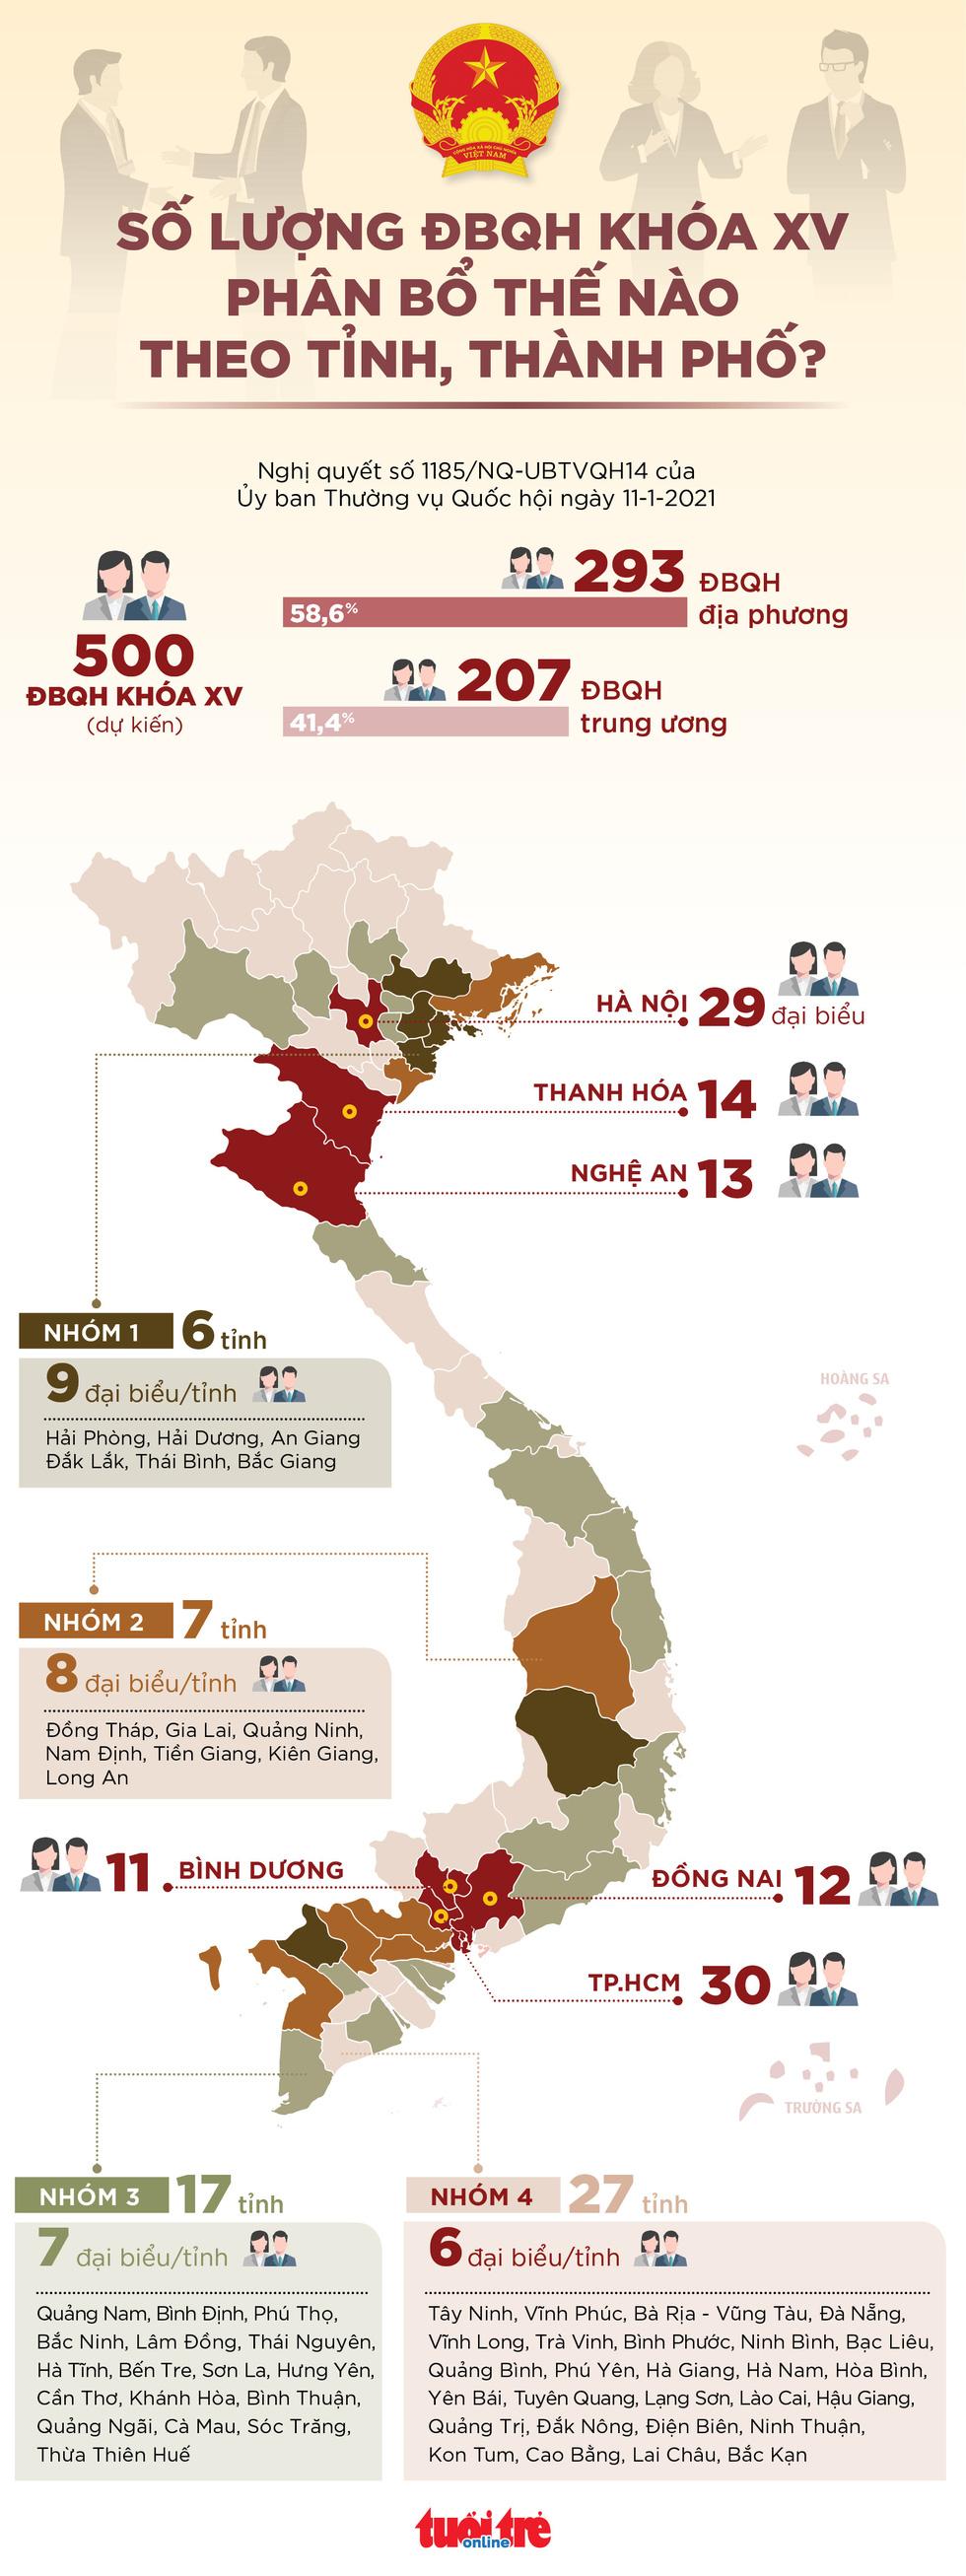 Toàn cảnh số lượng ĐBQH khóa XV tại các tỉnh, thành - Ảnh 1.